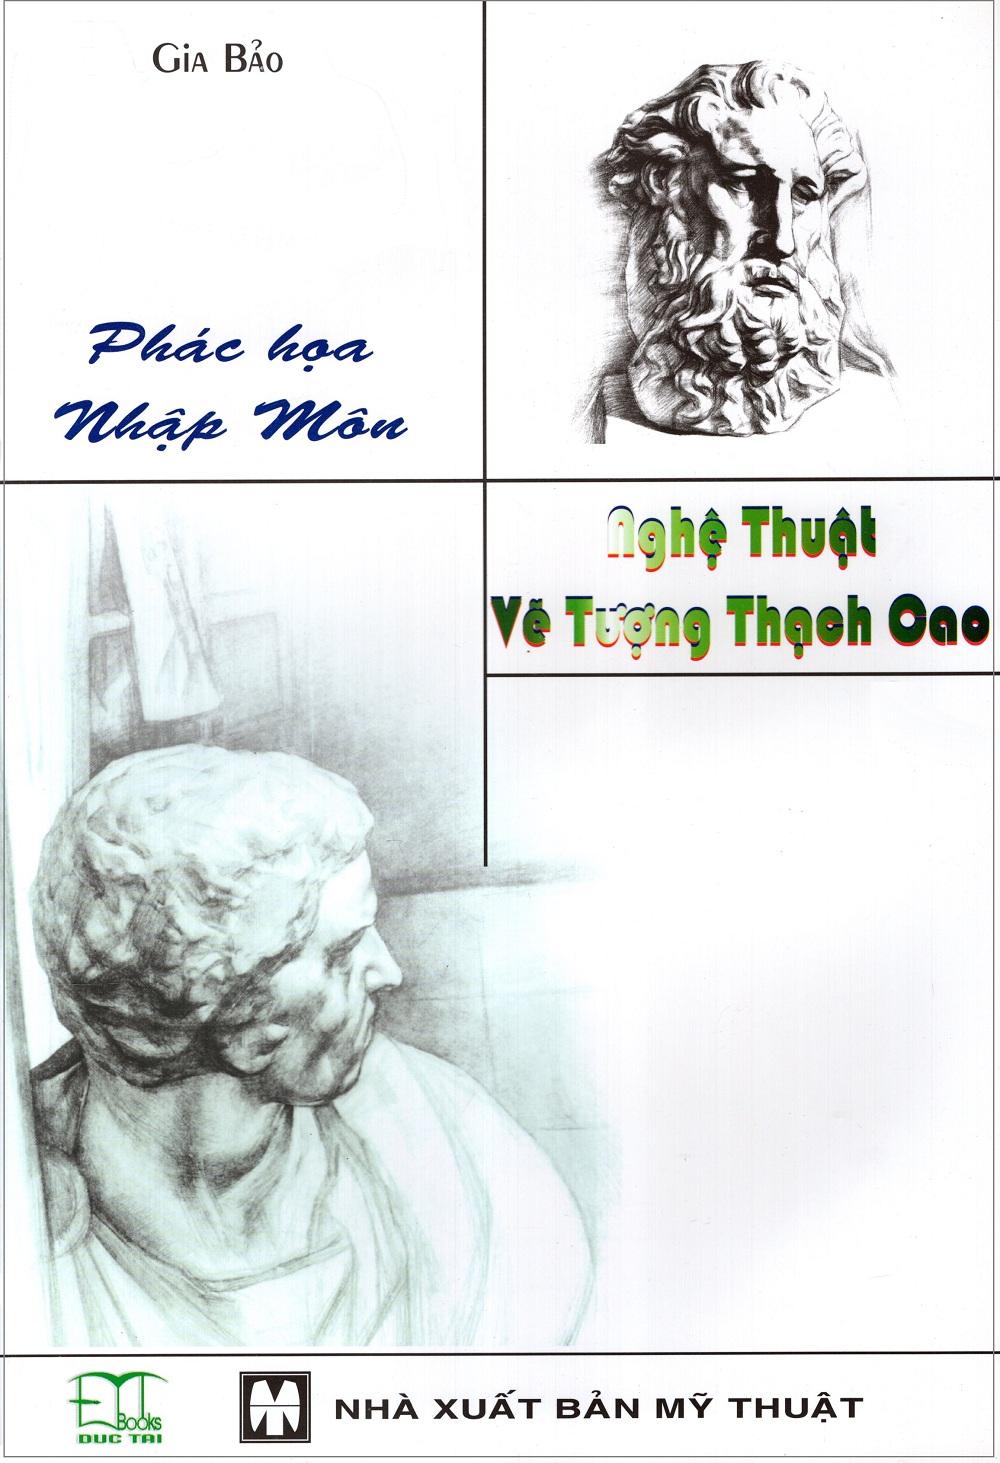 Bìa sách Phác Họa Nhập Môn: Nghệ Thuật Vẽ Tượng Thạch Cao